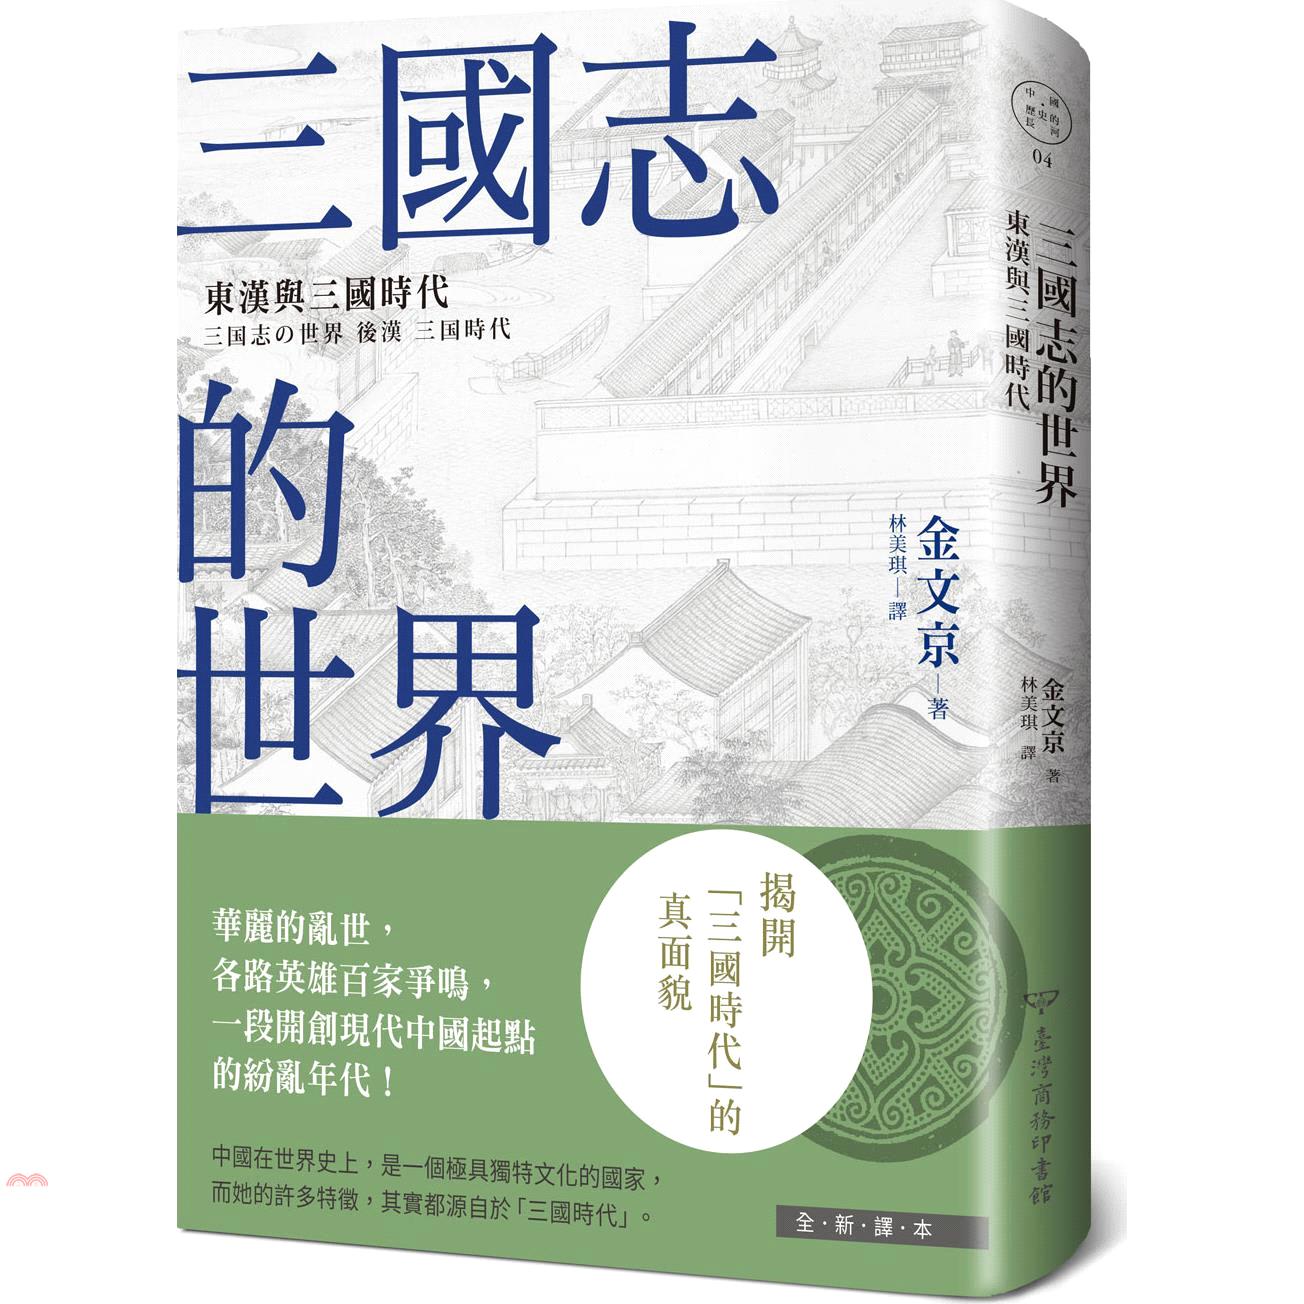 《臺灣商務》三國志的世界:東漢與三國時代[79折]